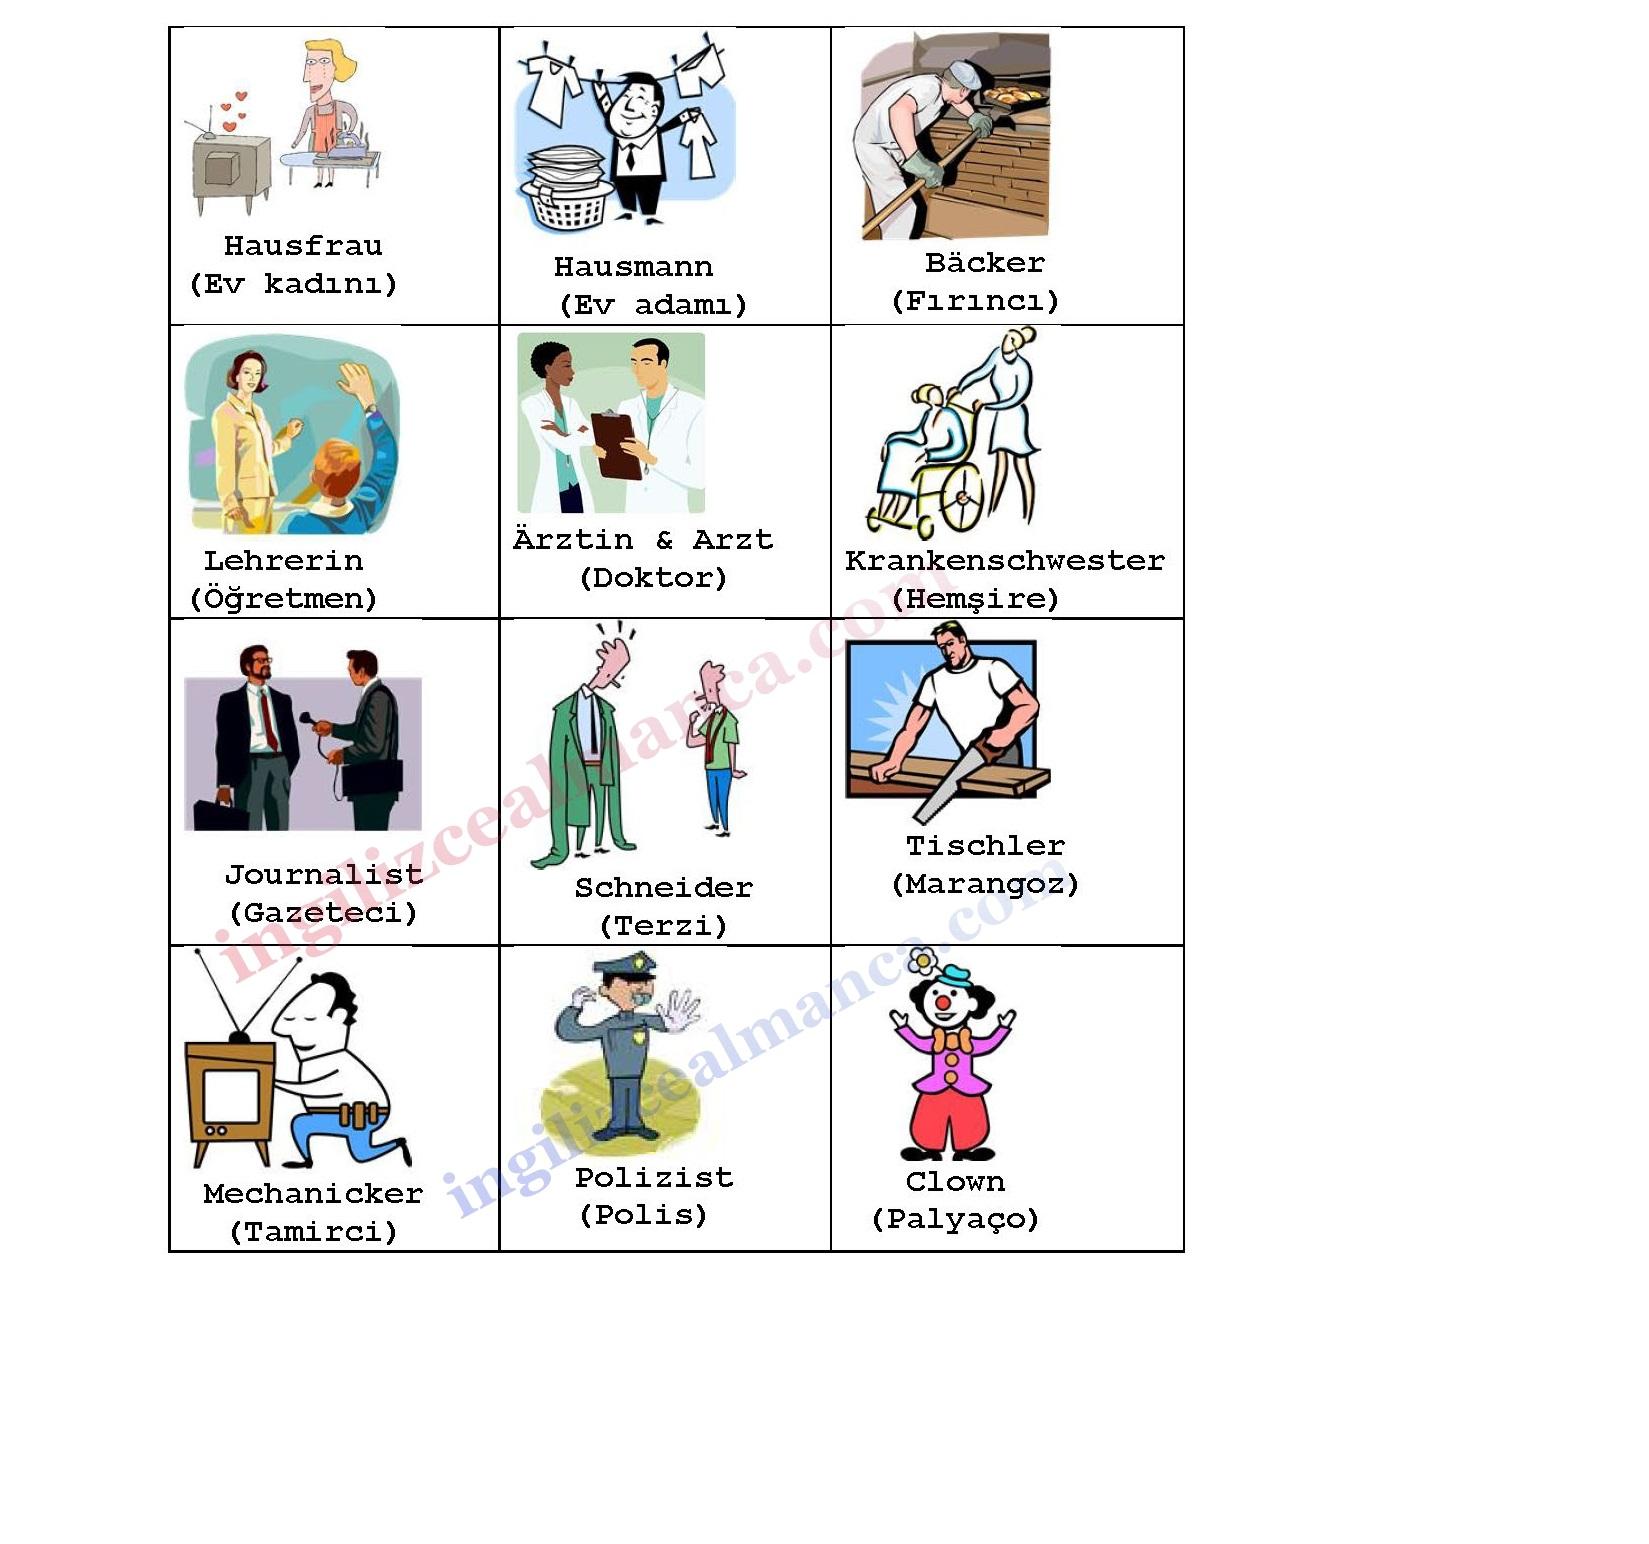 Almanca Meslekler Resimli Konu Anlatımı Ingilizce Dersleri